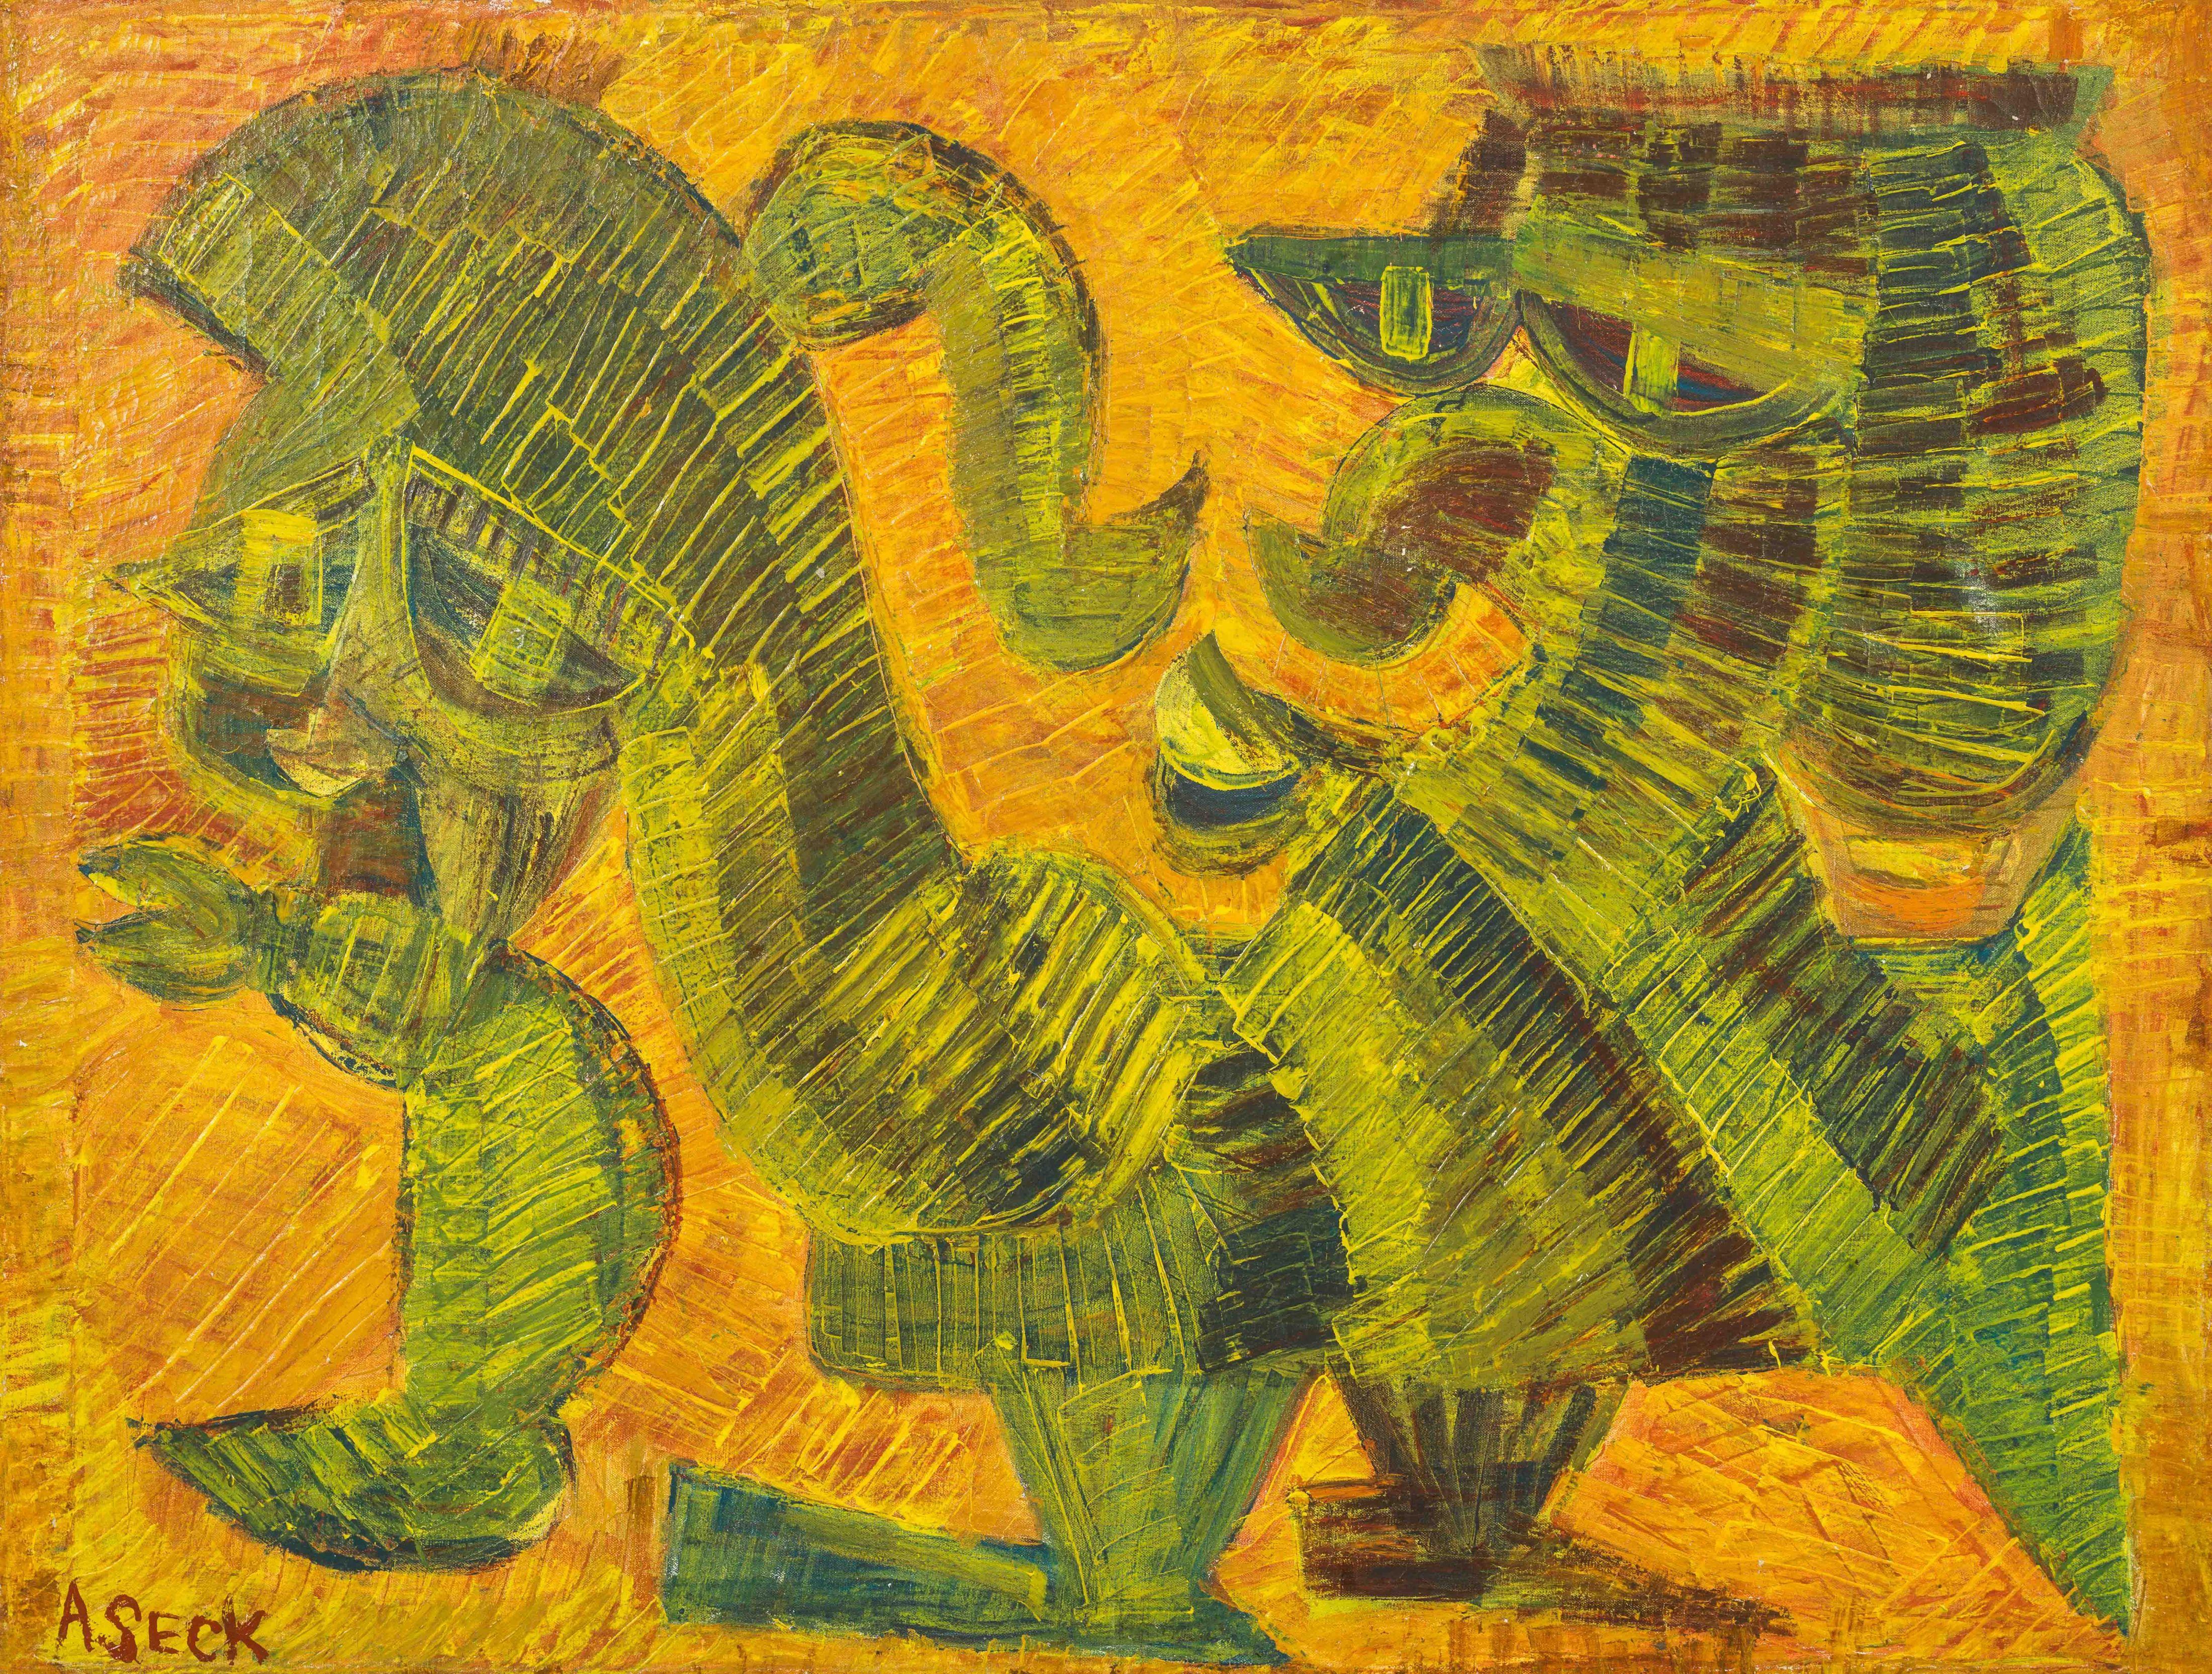 Amadou SECK né en 1950 - Sénégal Cavalier, circa 1985-1990 Huile sur toile